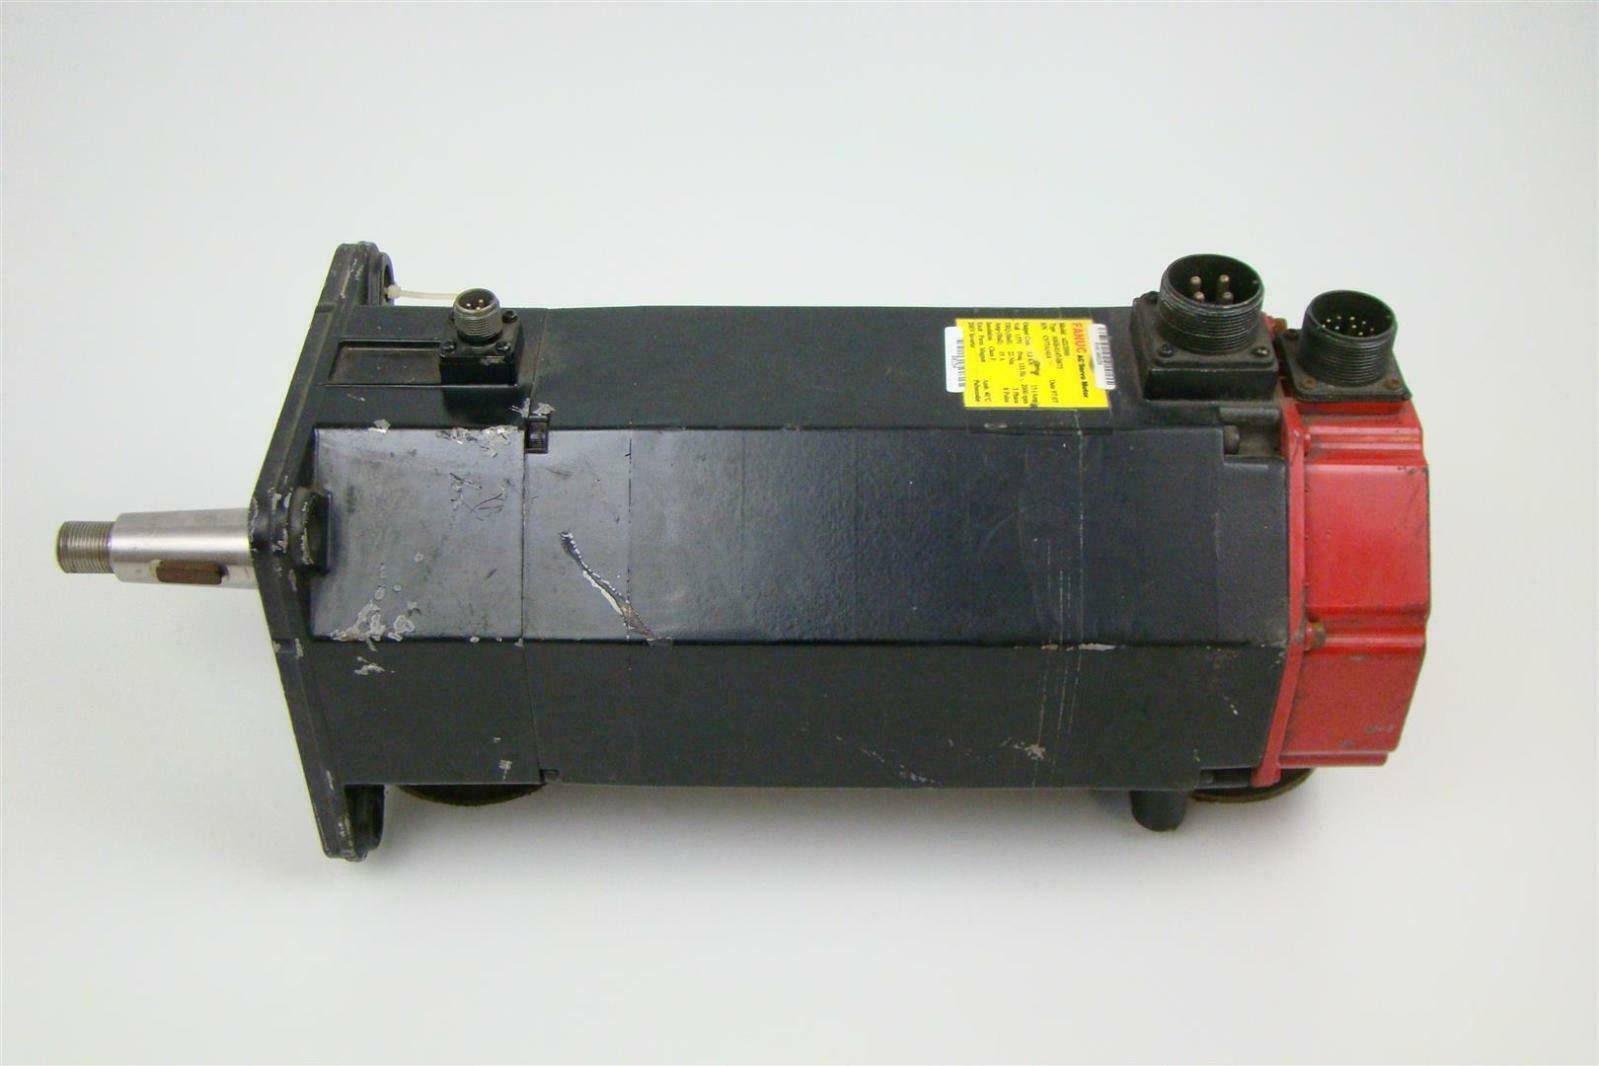 Fanuc Ac Servo Motor 157v 3 8kw 15a 2000rpm 3ph A06b 0147 B675 A22 2000 Joseph Fazzio